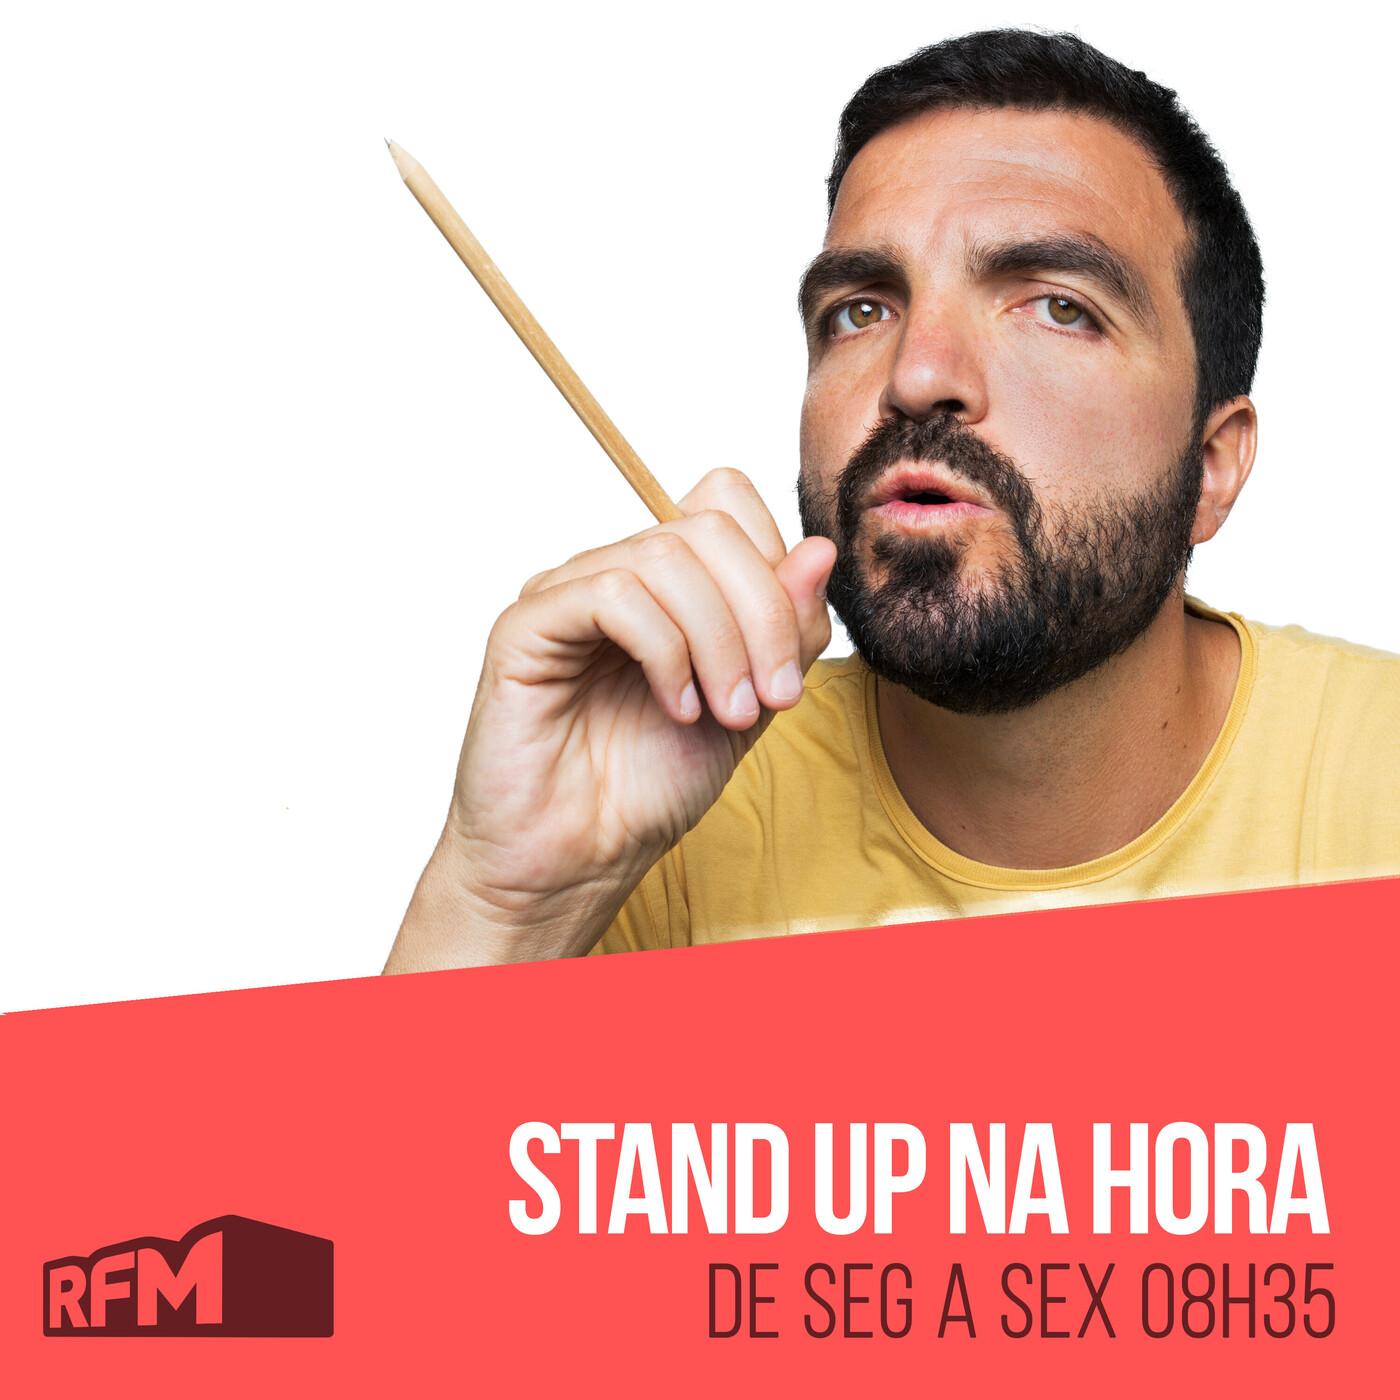 Rfm - stand up na hora: marcelo em tronco nu